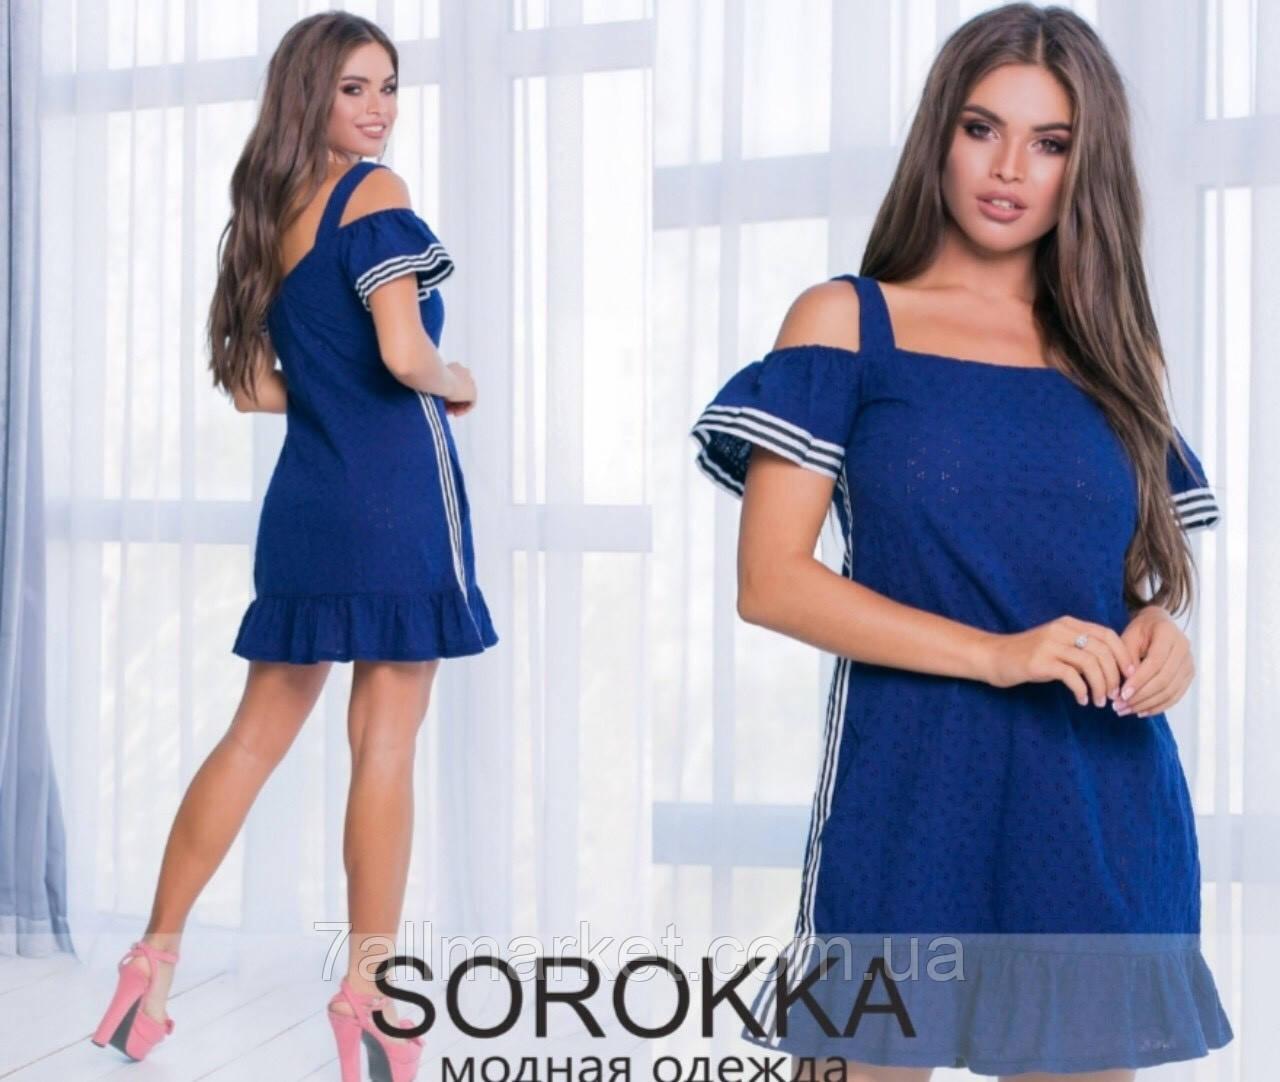 """Платье женское летнее с лампасами, размеры 42-44 """"BIANCA"""" купить недорого от прямого поставщика"""